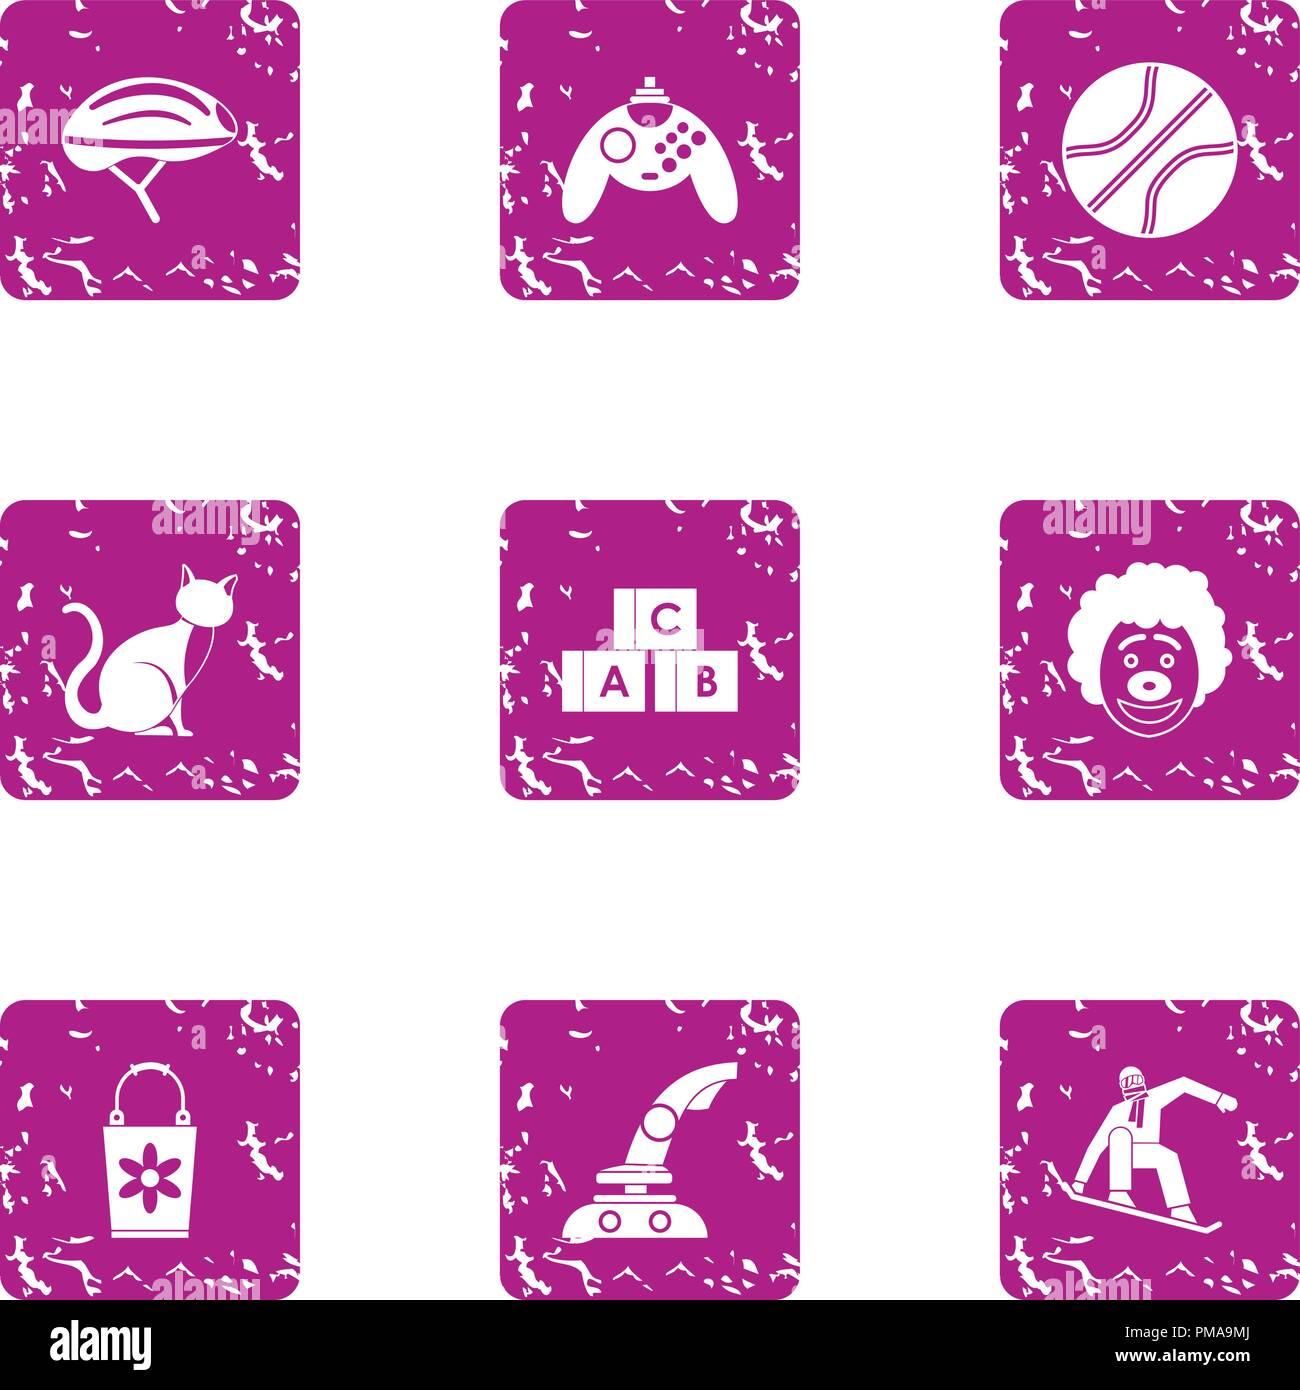 Game machine icons set, grunge style - Stock Image